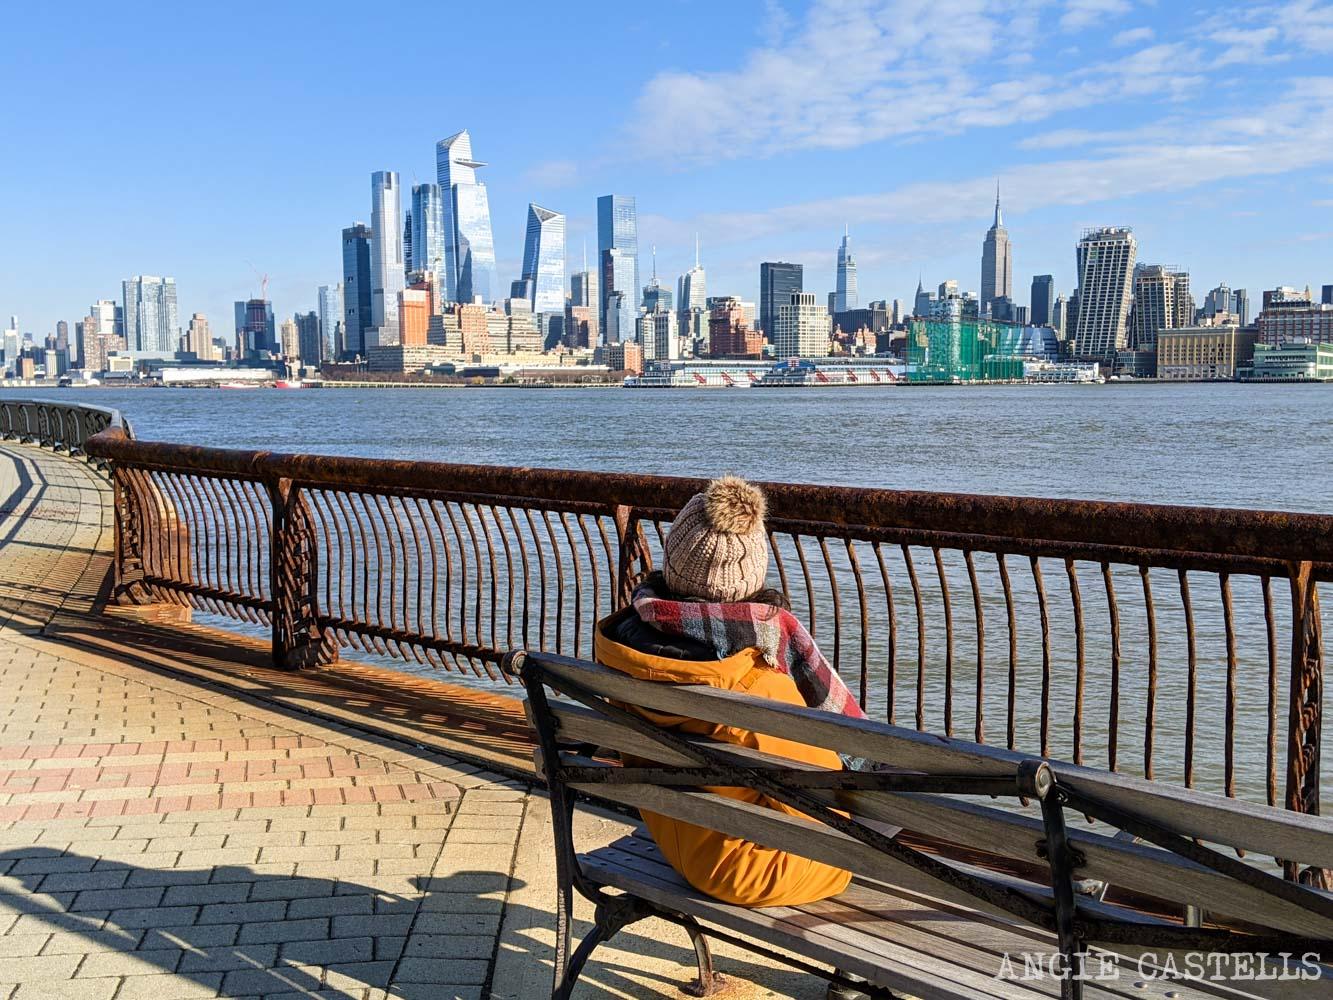 Visitar Hoboken en una excursión desde Nueva York - Qué ver y hacer